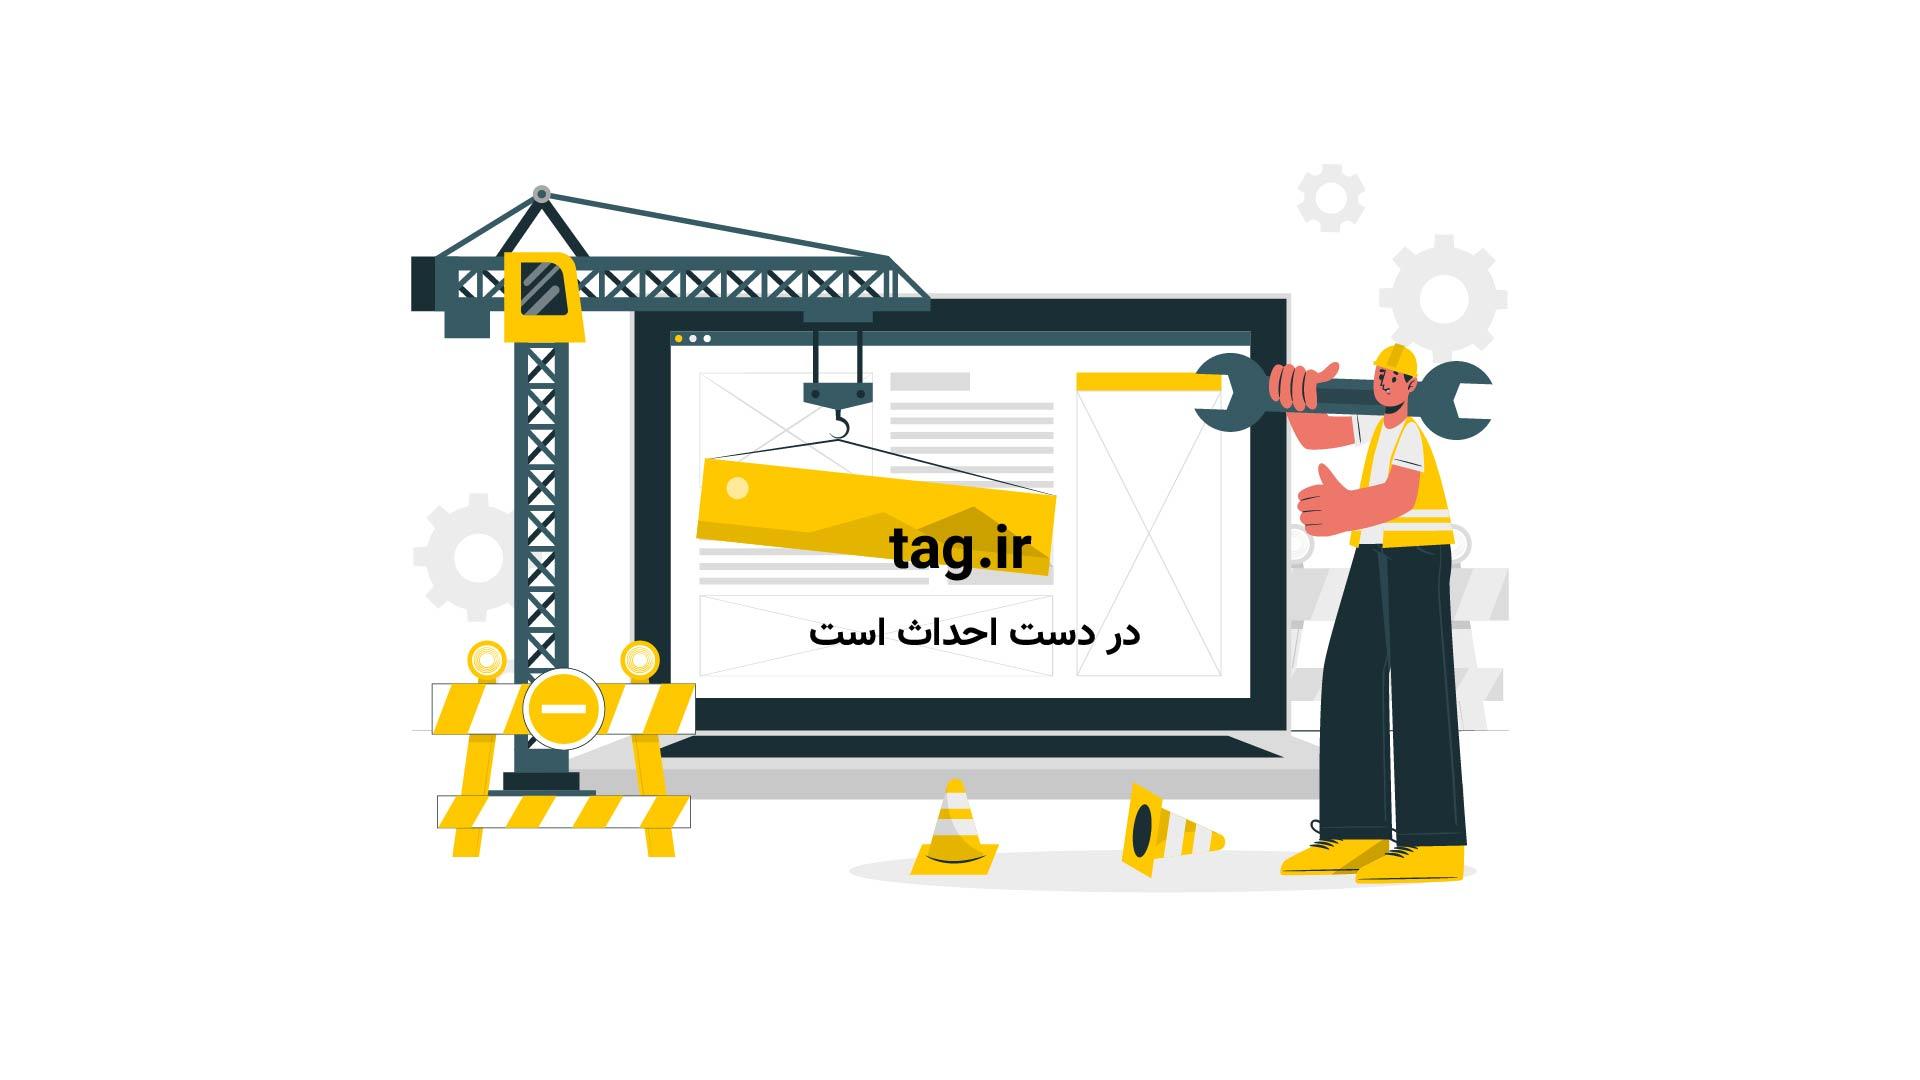 صخره کپز | تگ